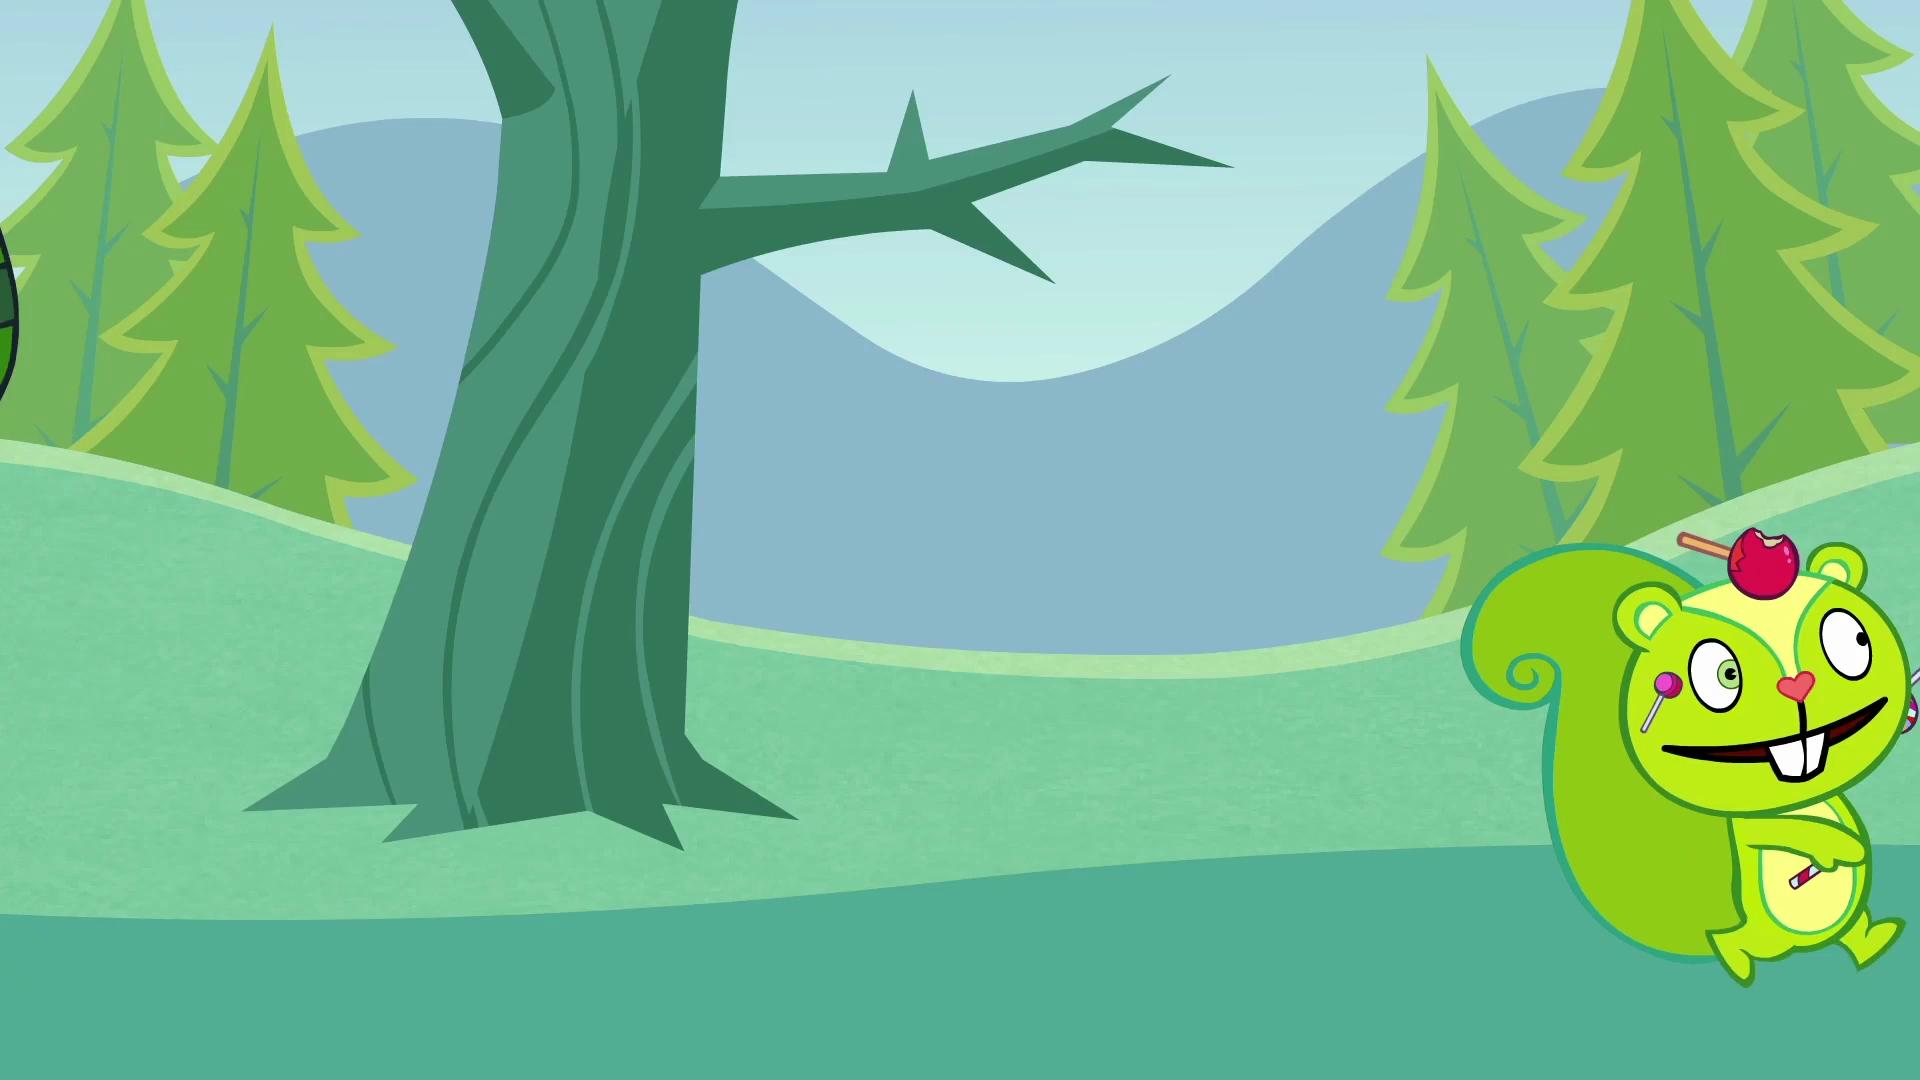 هپی تری فرندز happy tree friends-فصل Season TV 2006 قسمت 17- لینک تمام قسمت ها در توضیح زیر این ویدیو است